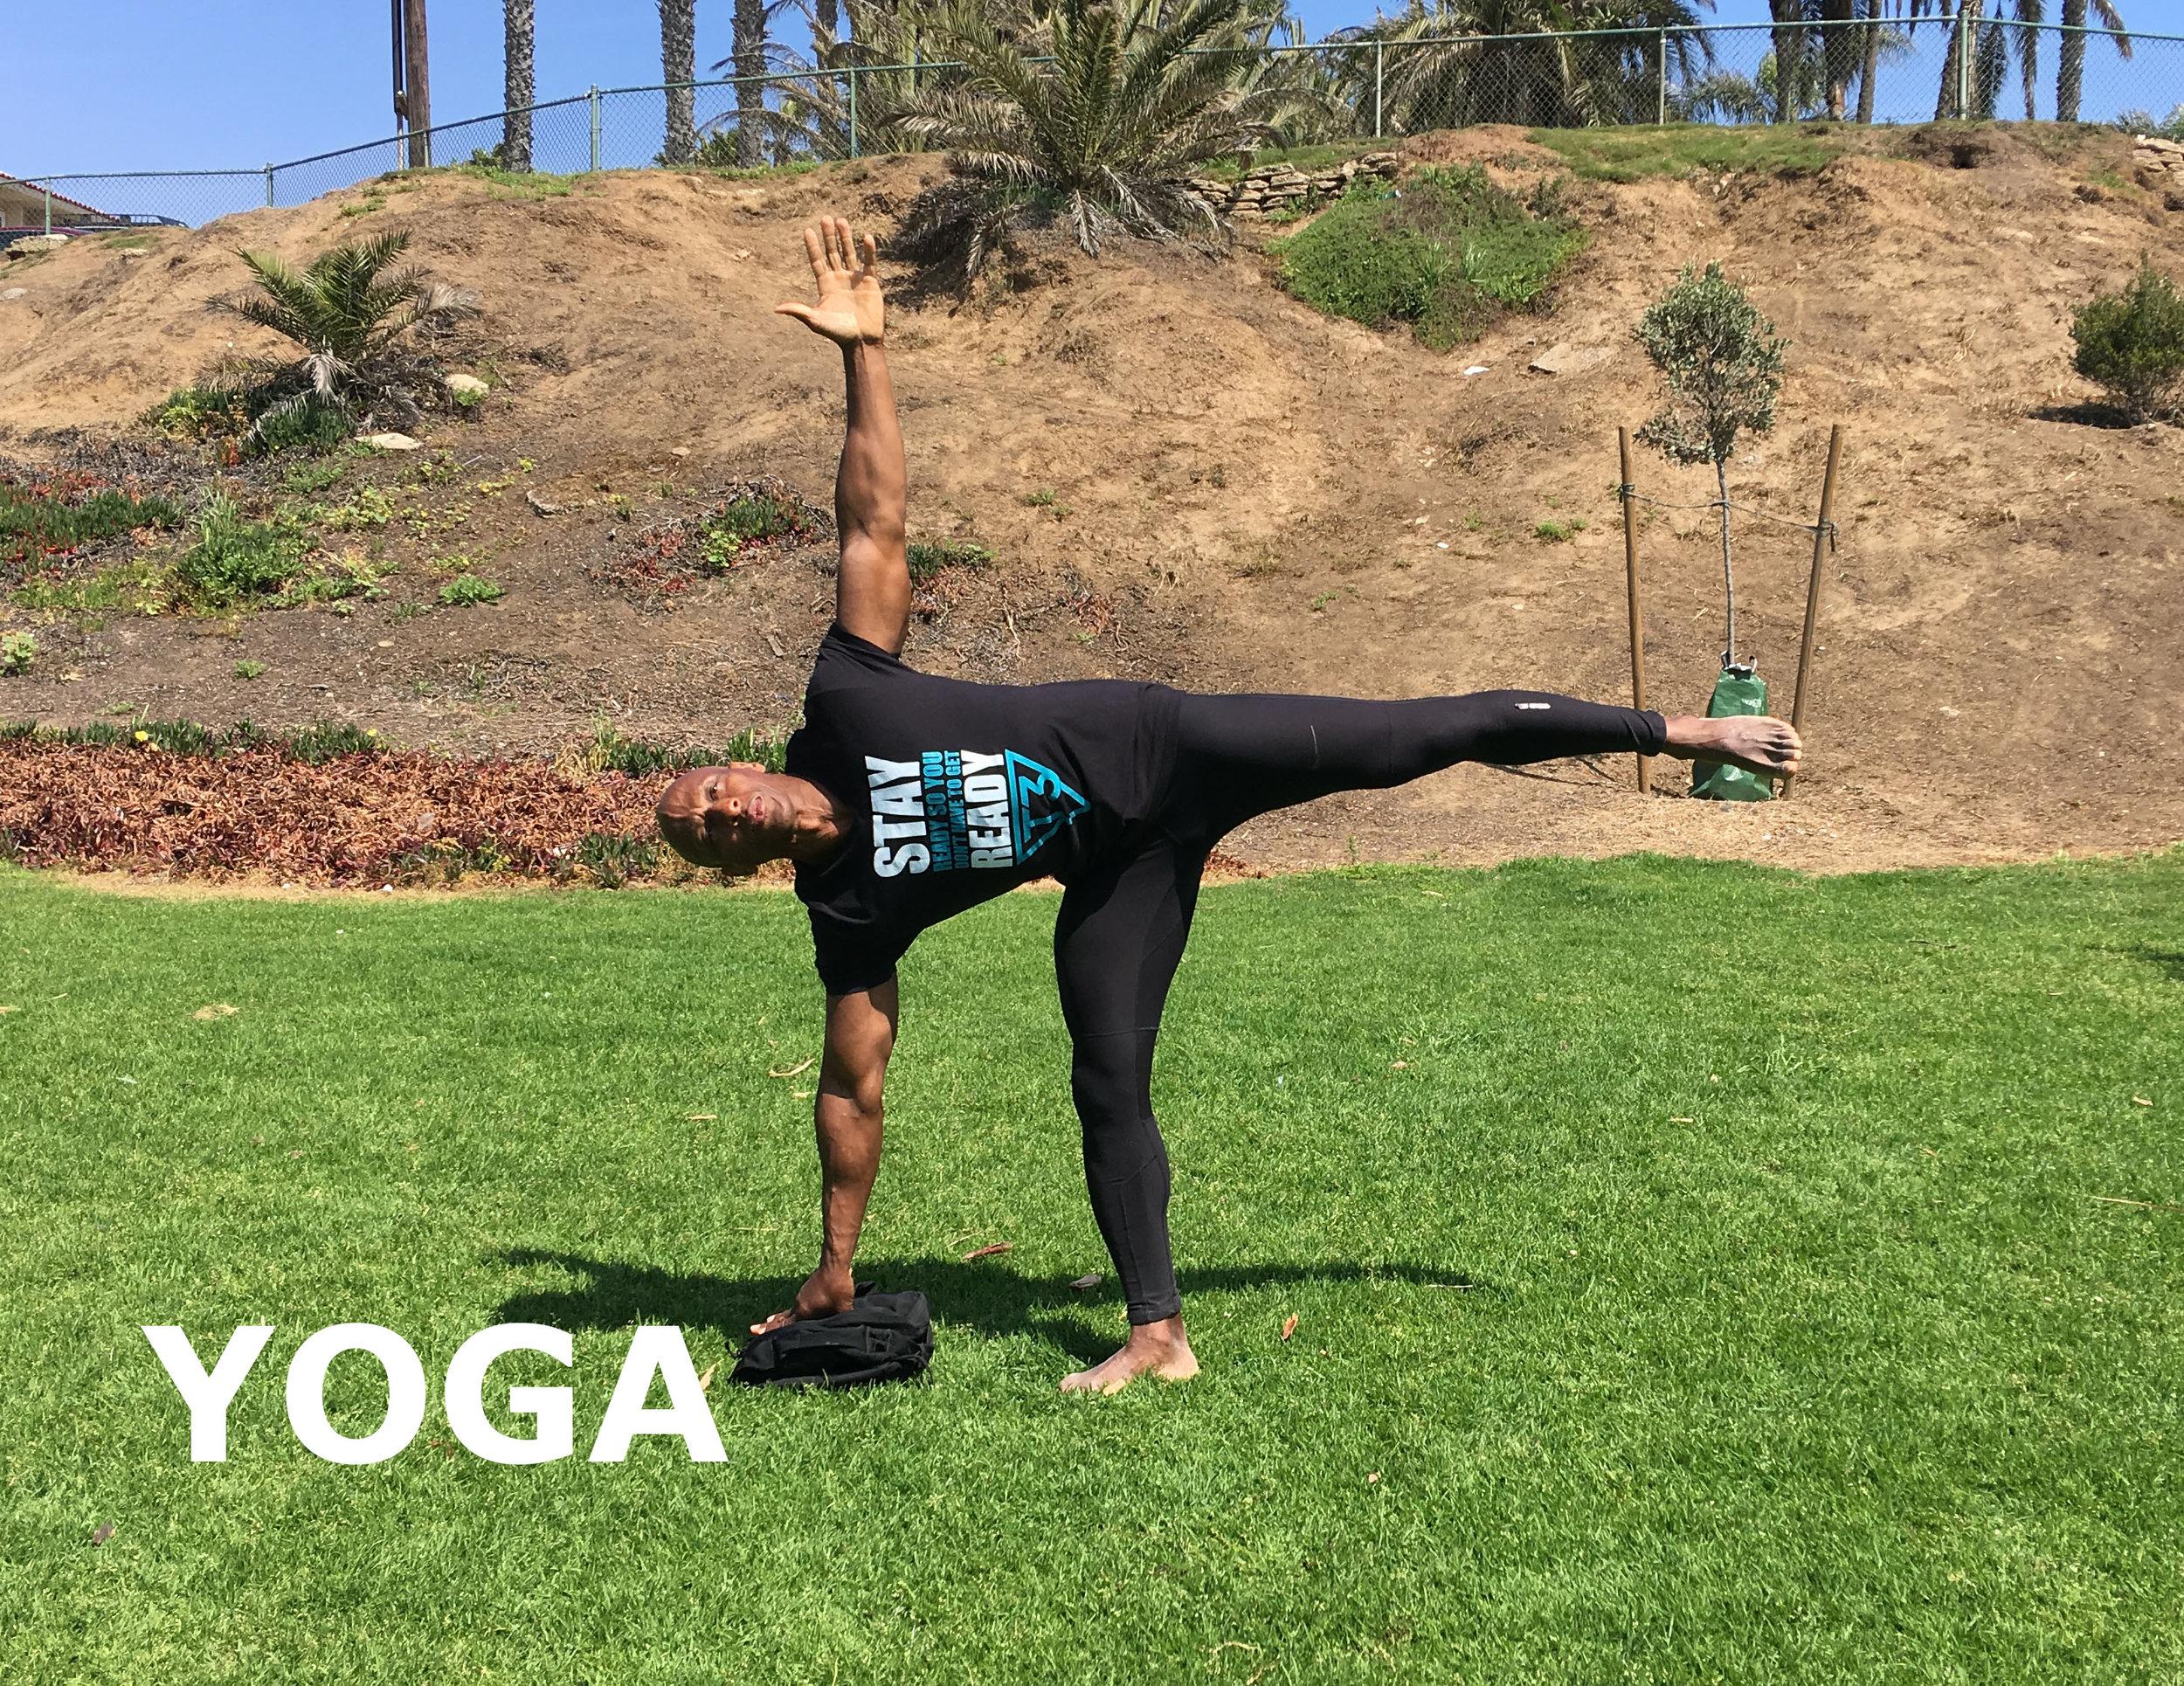 yogaIMG_0228.jpg